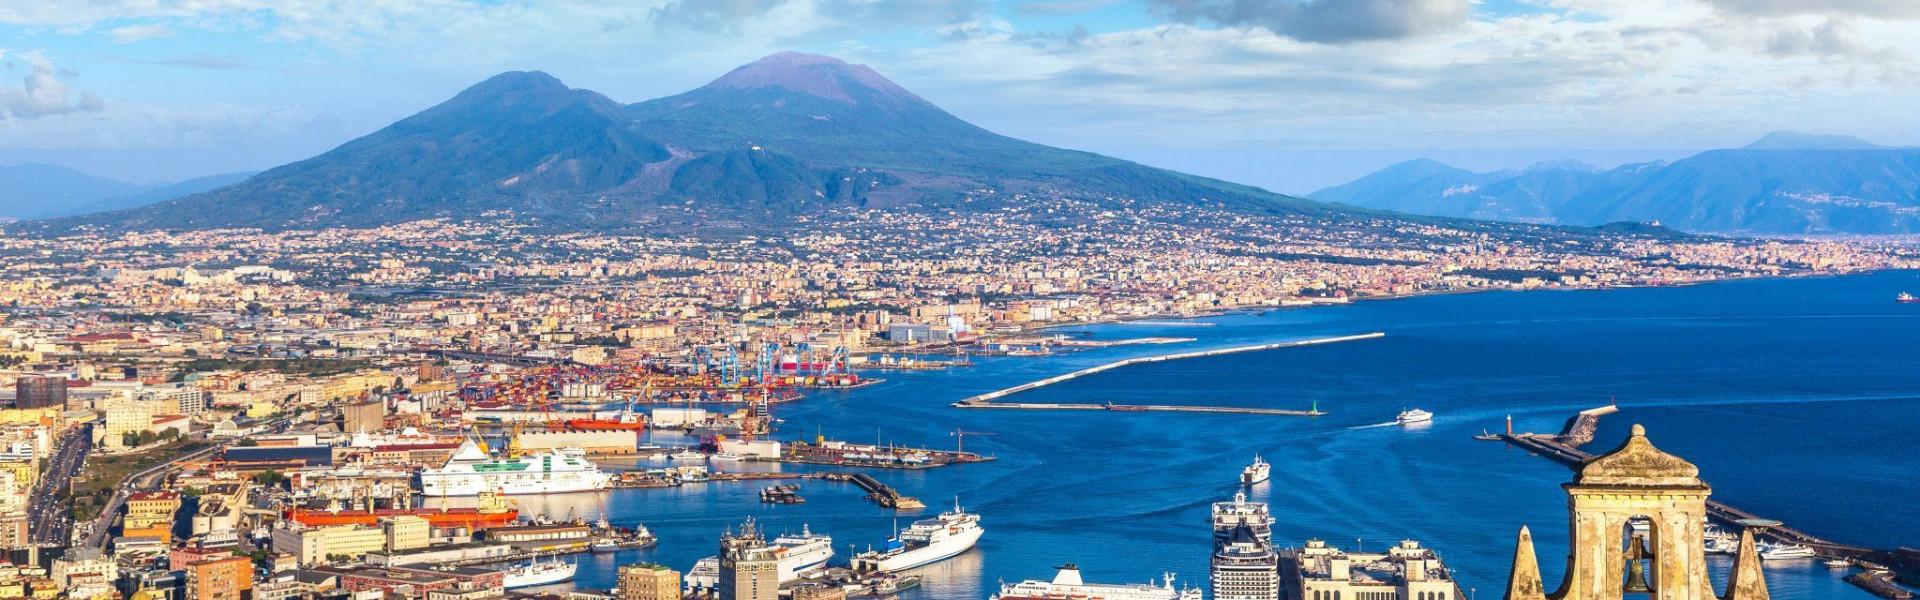 Main image ofNaples, le chaos magnifique d'une ville italienne